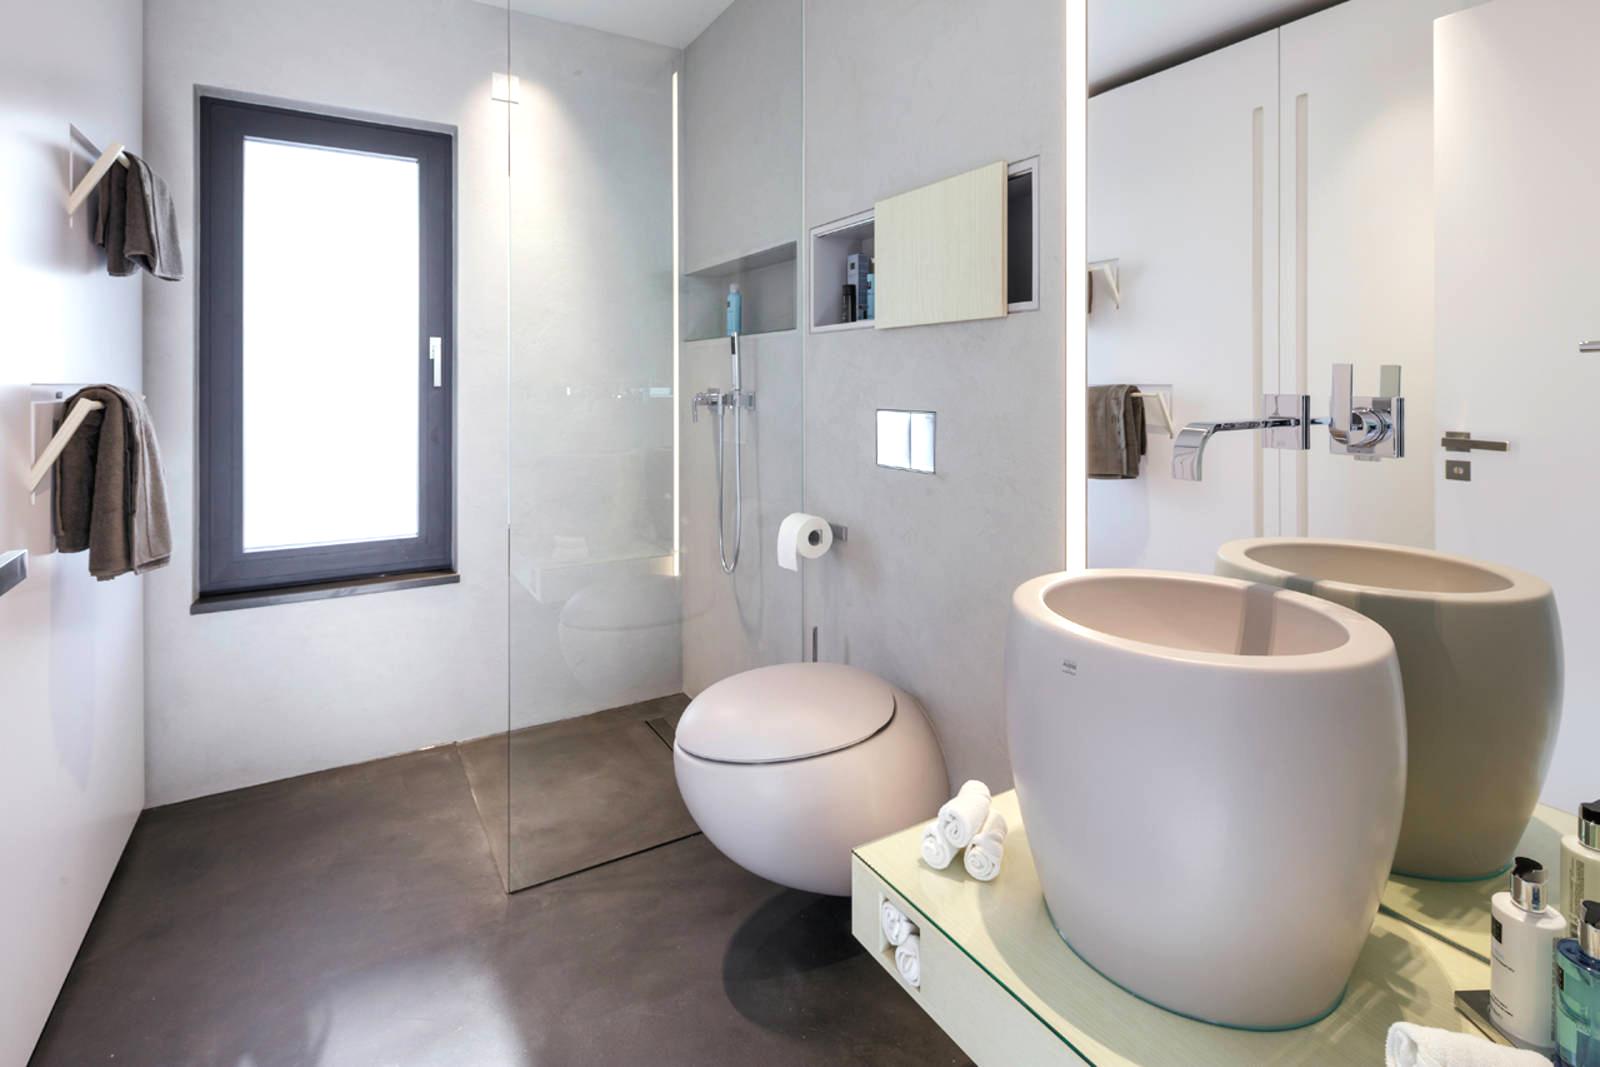 Compact et soigné, idéal pour les petits espaces